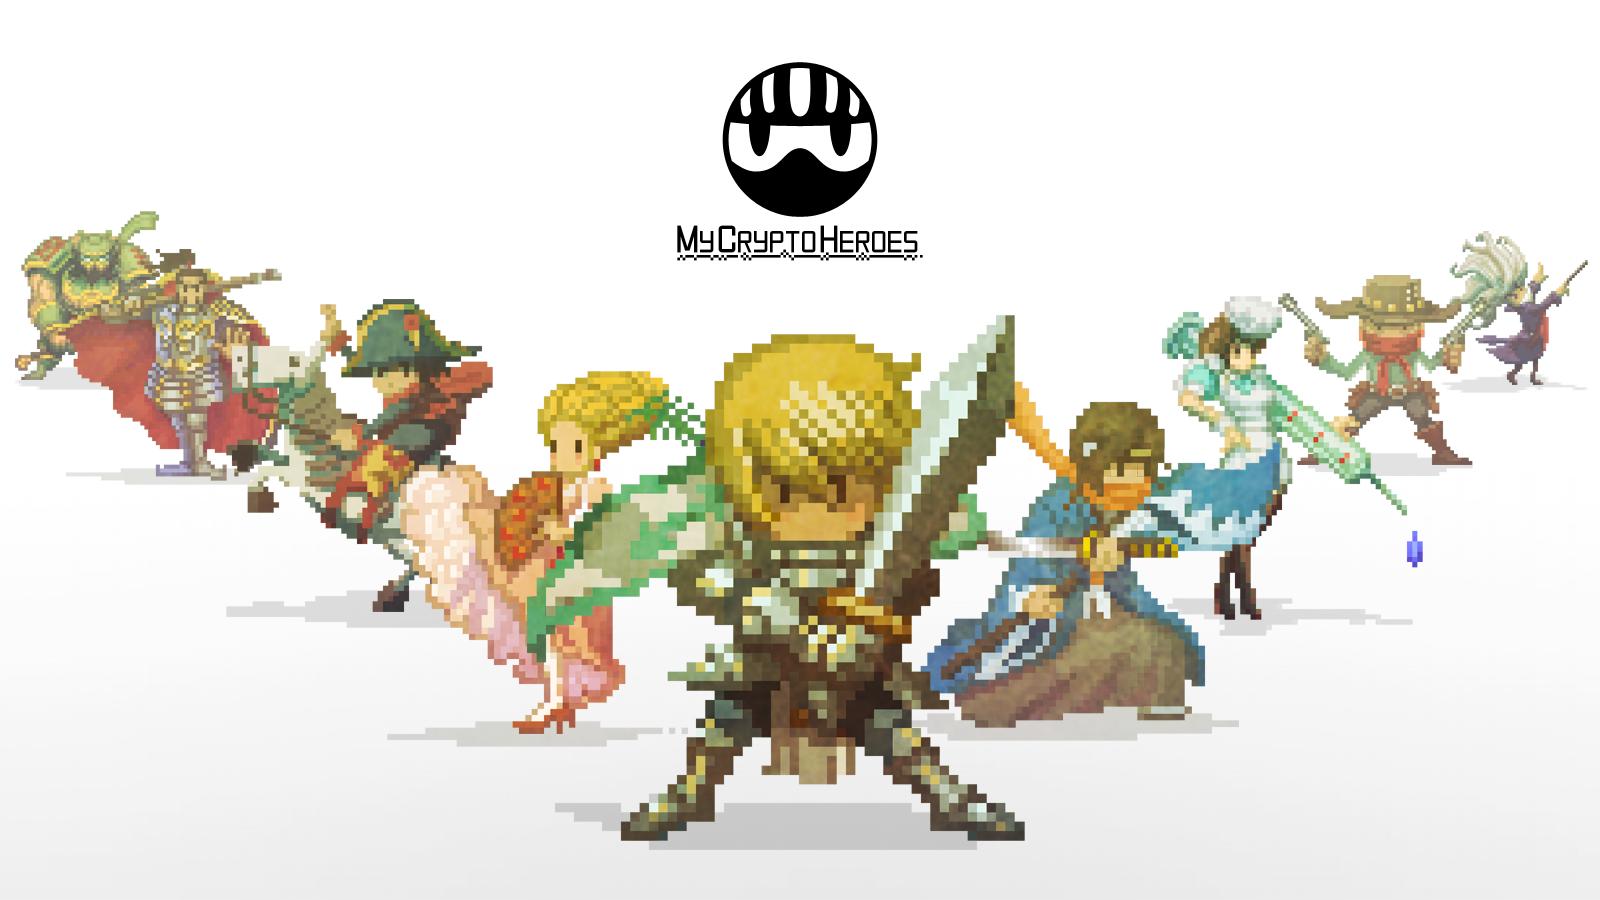 マイクリプトヒーローズの9月21日から先行販売開始!話題のDappsゲーム!